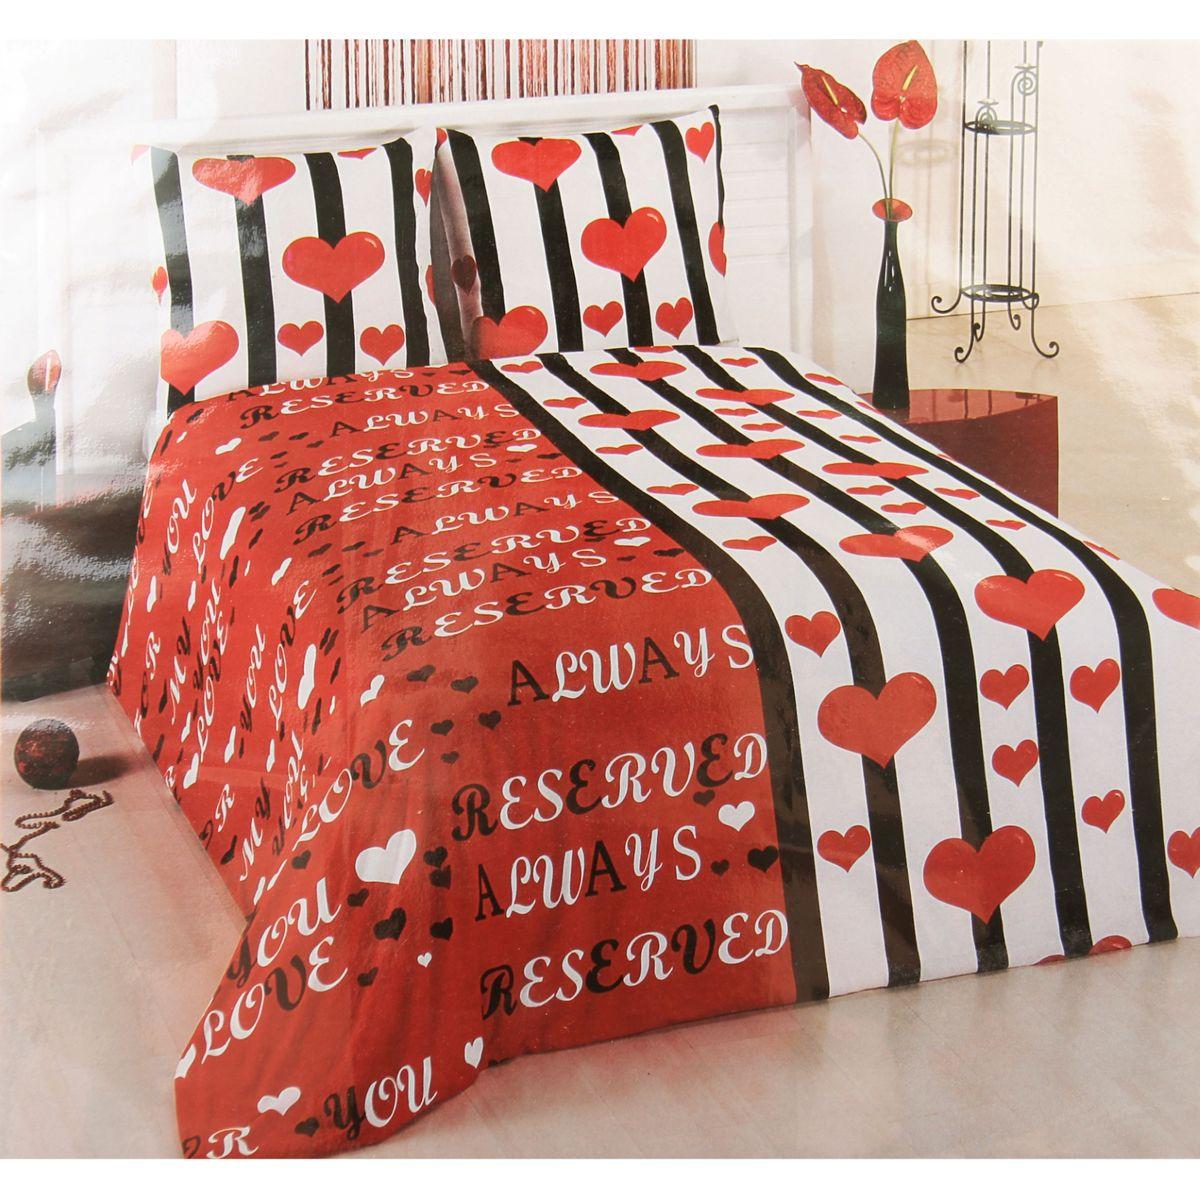 Комплект белья ANTALYA, 1,5-спальный, наволочки 70x70. 824695K100произведено из высококачественного турецкого хлопка, простынка на резинке, пододеяльник и наволочки на замке